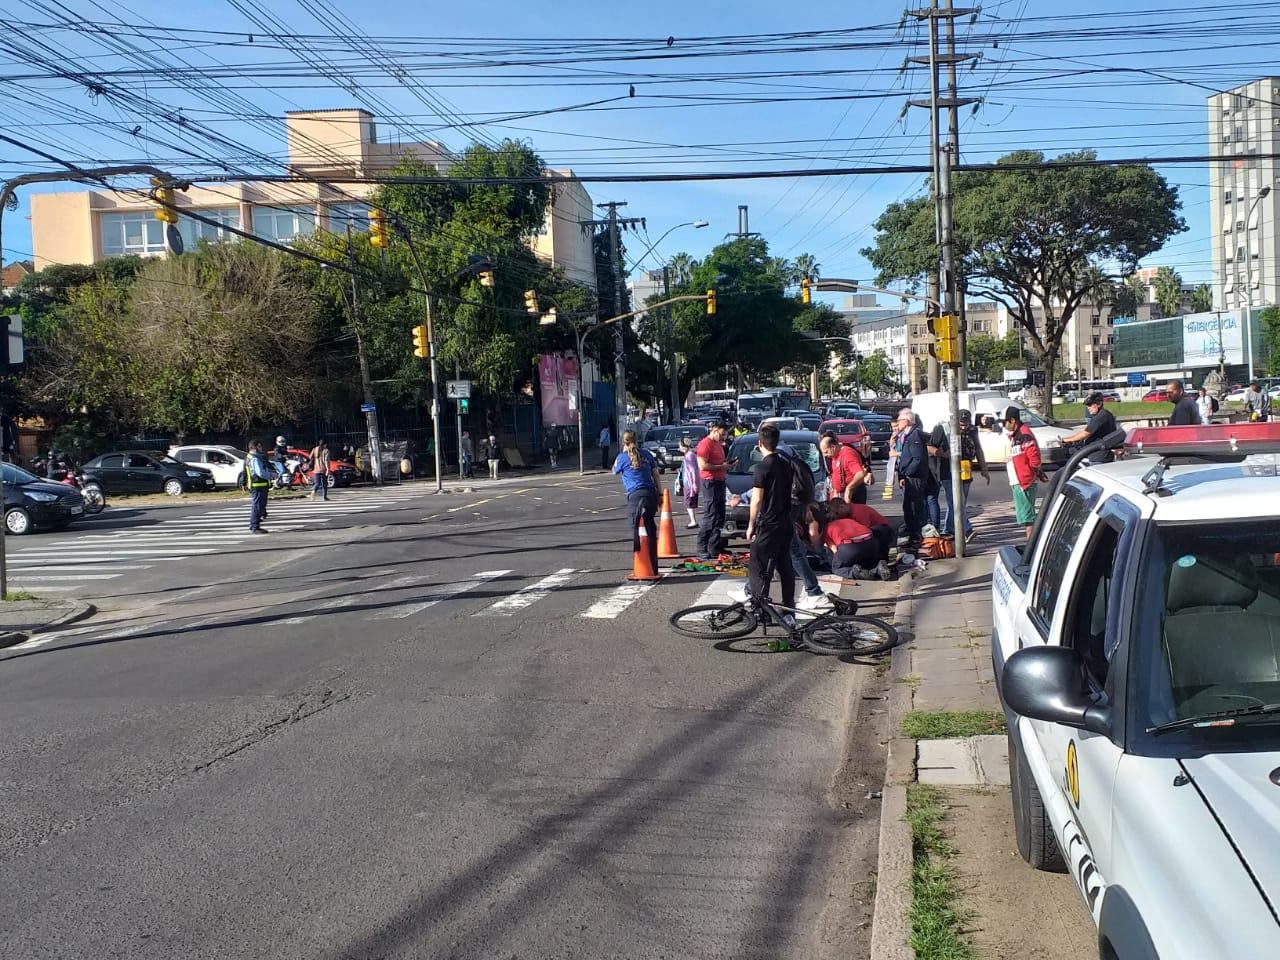 Trânsito ficou parcialmente bloqueado no trecho para atendimento à ocorrência. Foto: Divulgação/EPTC